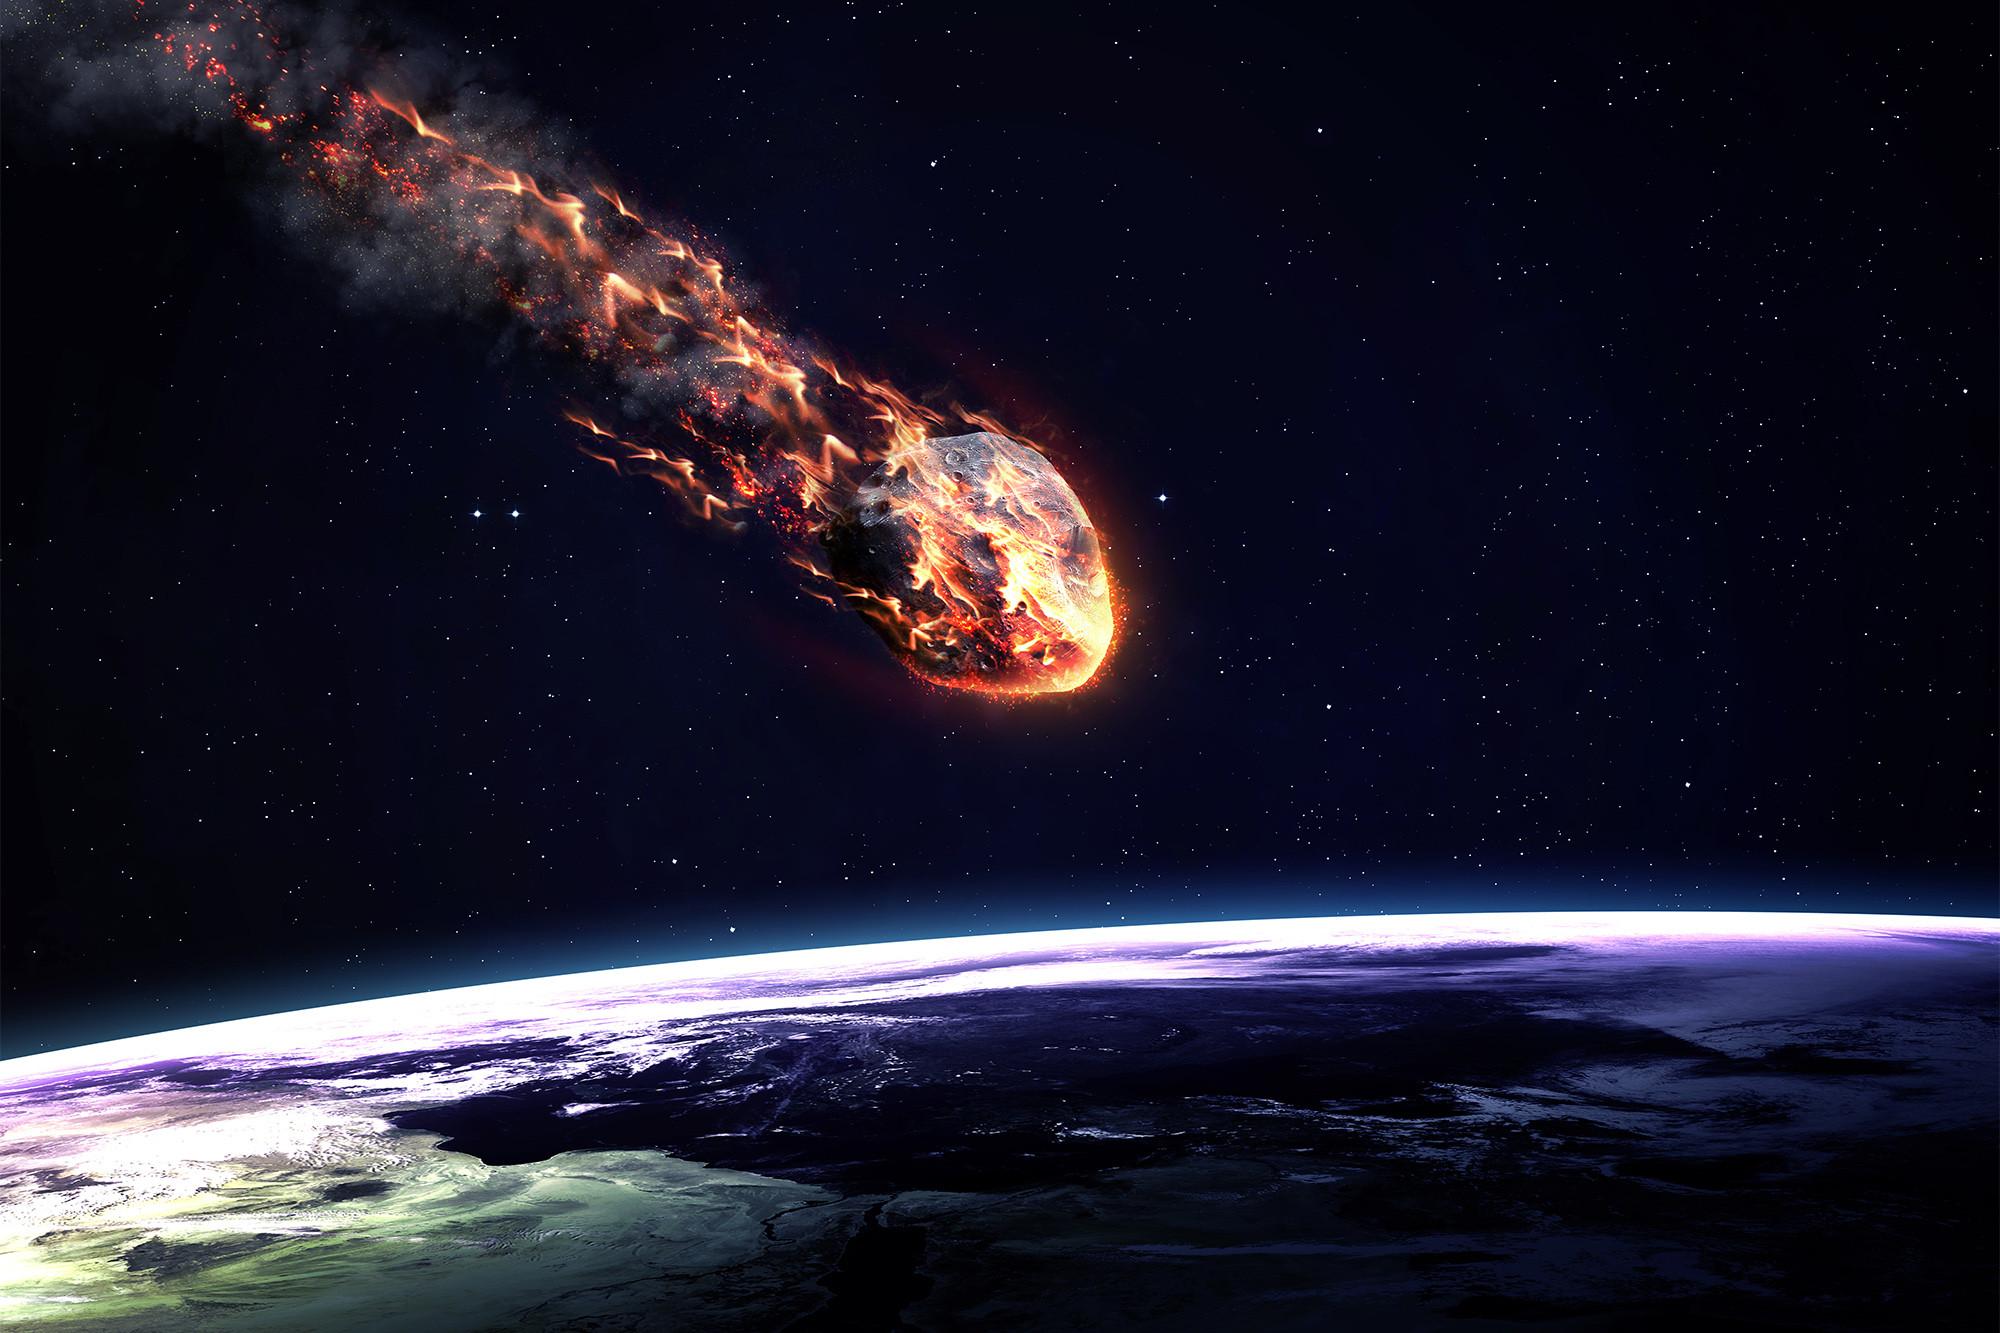 калининграде карте метеориты падающие на землю фото выполнять поставленные задачи